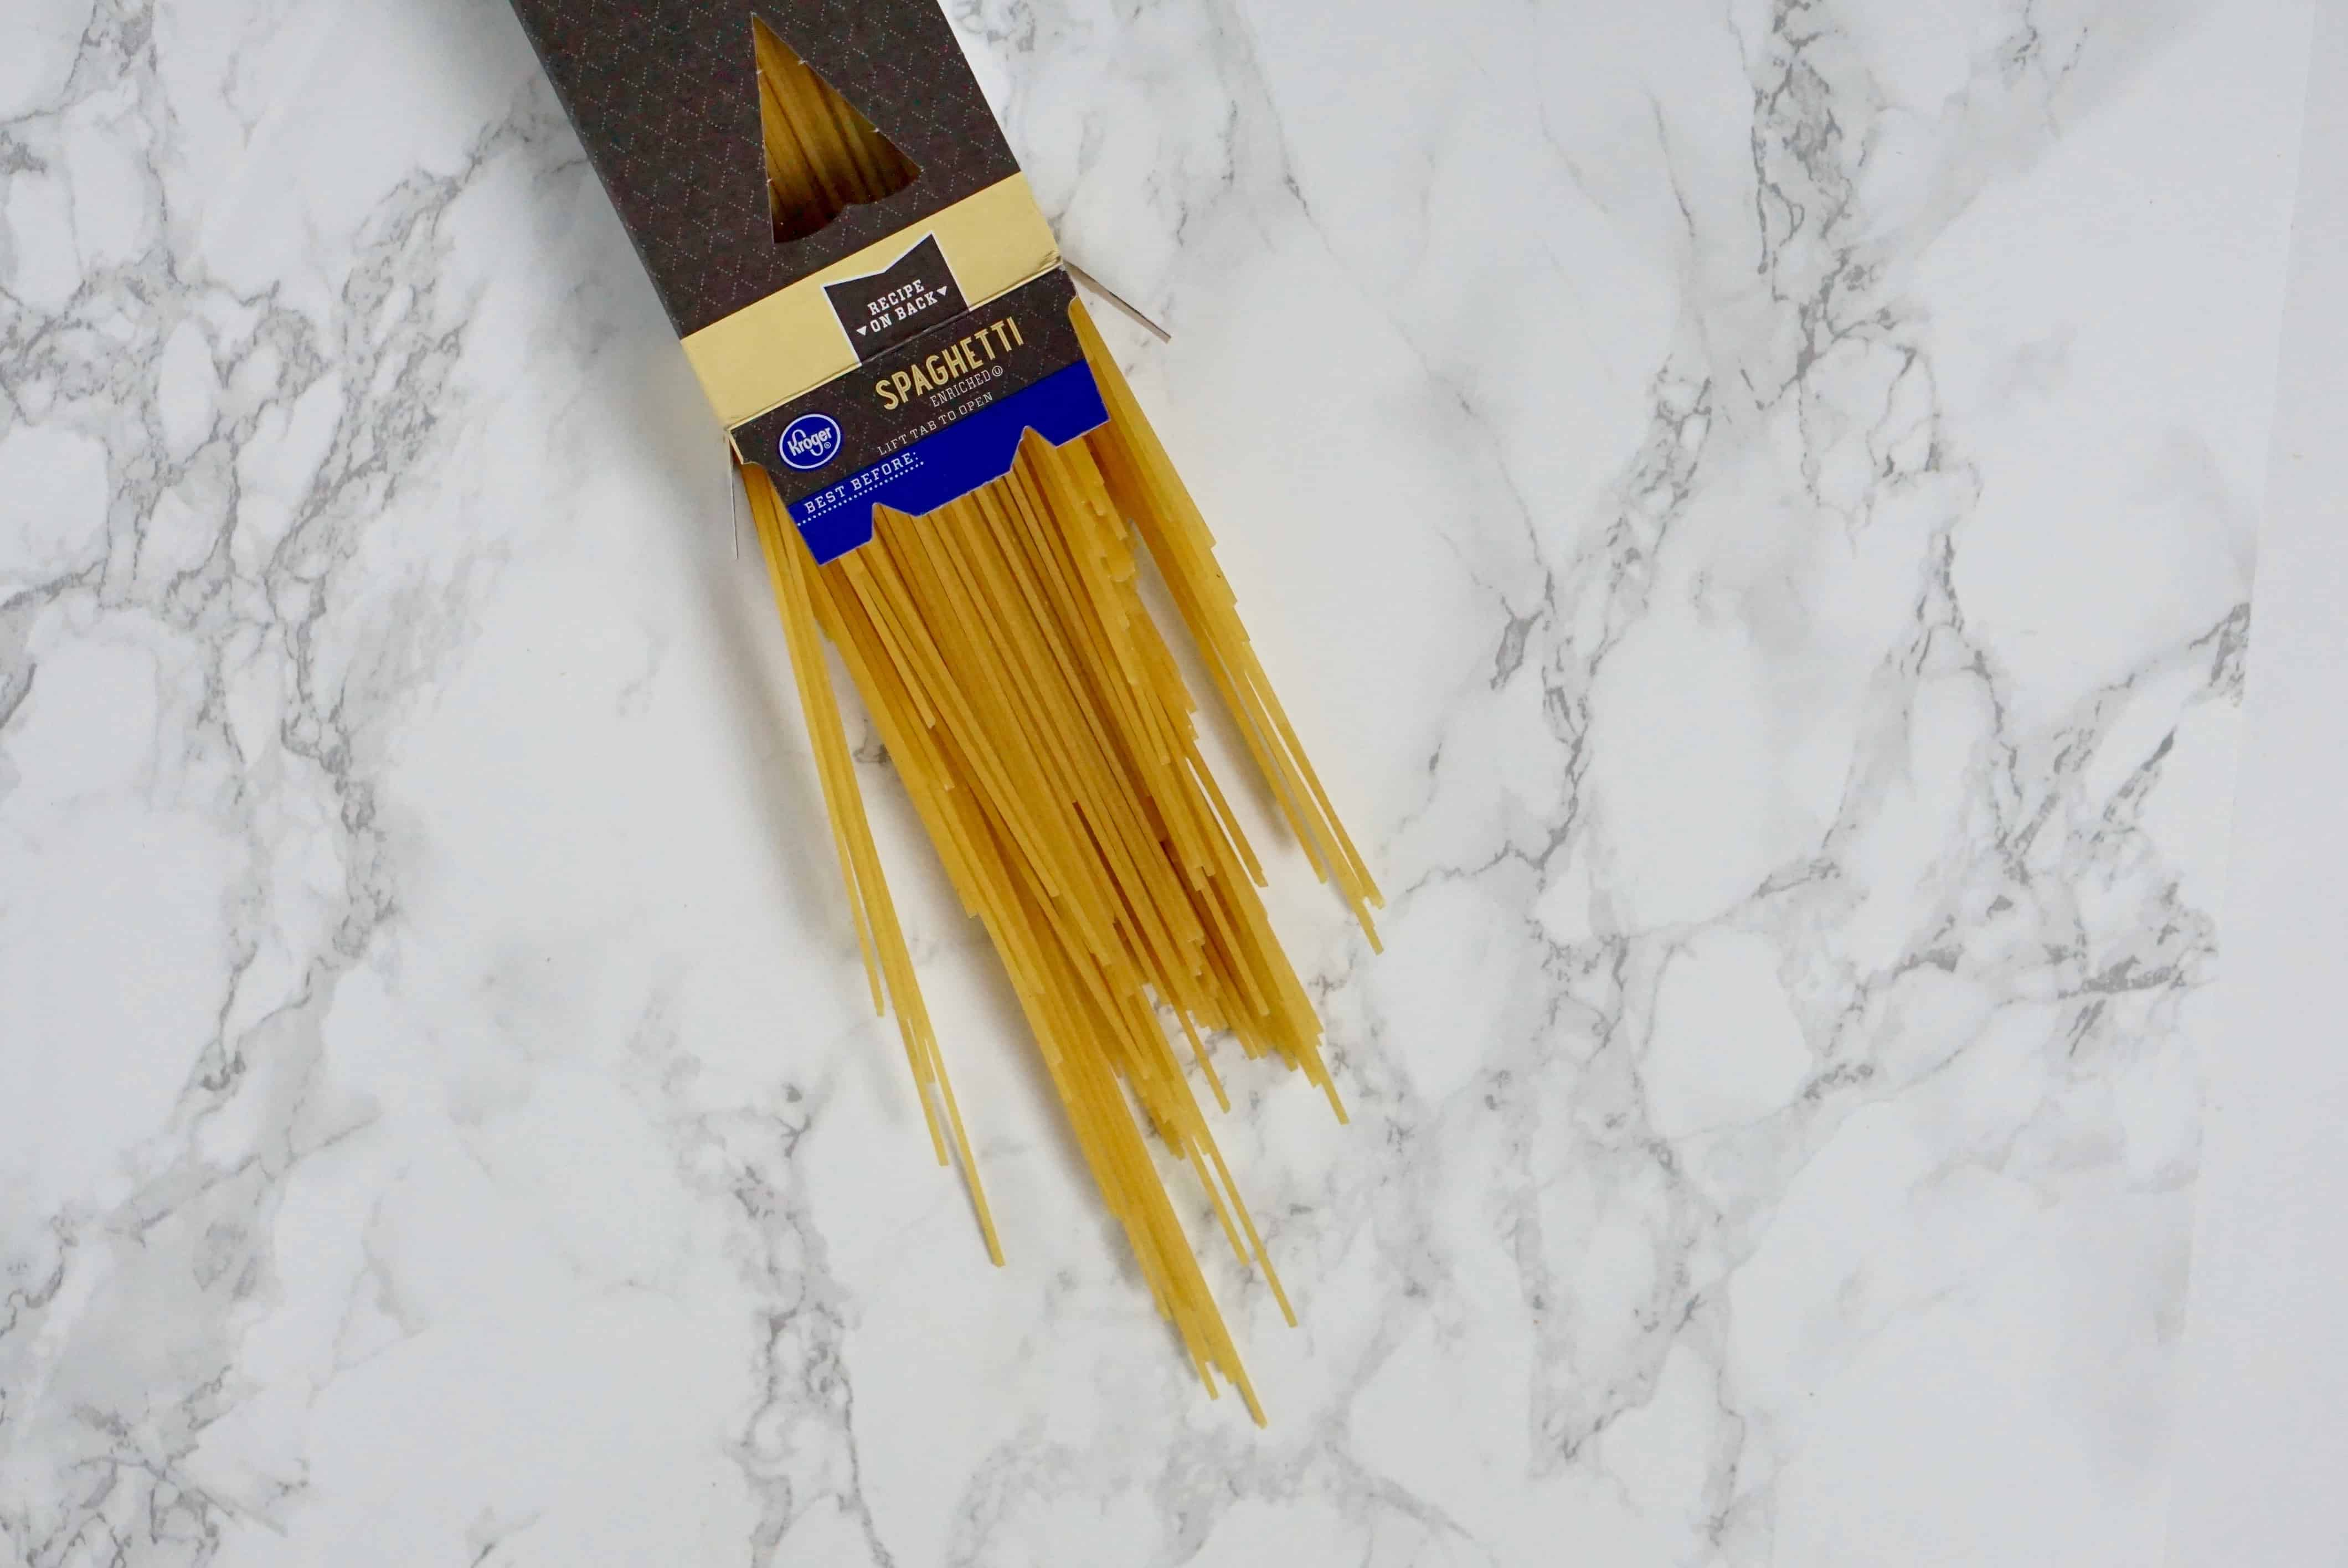 squash_spaghetti_lenaskitchen_5